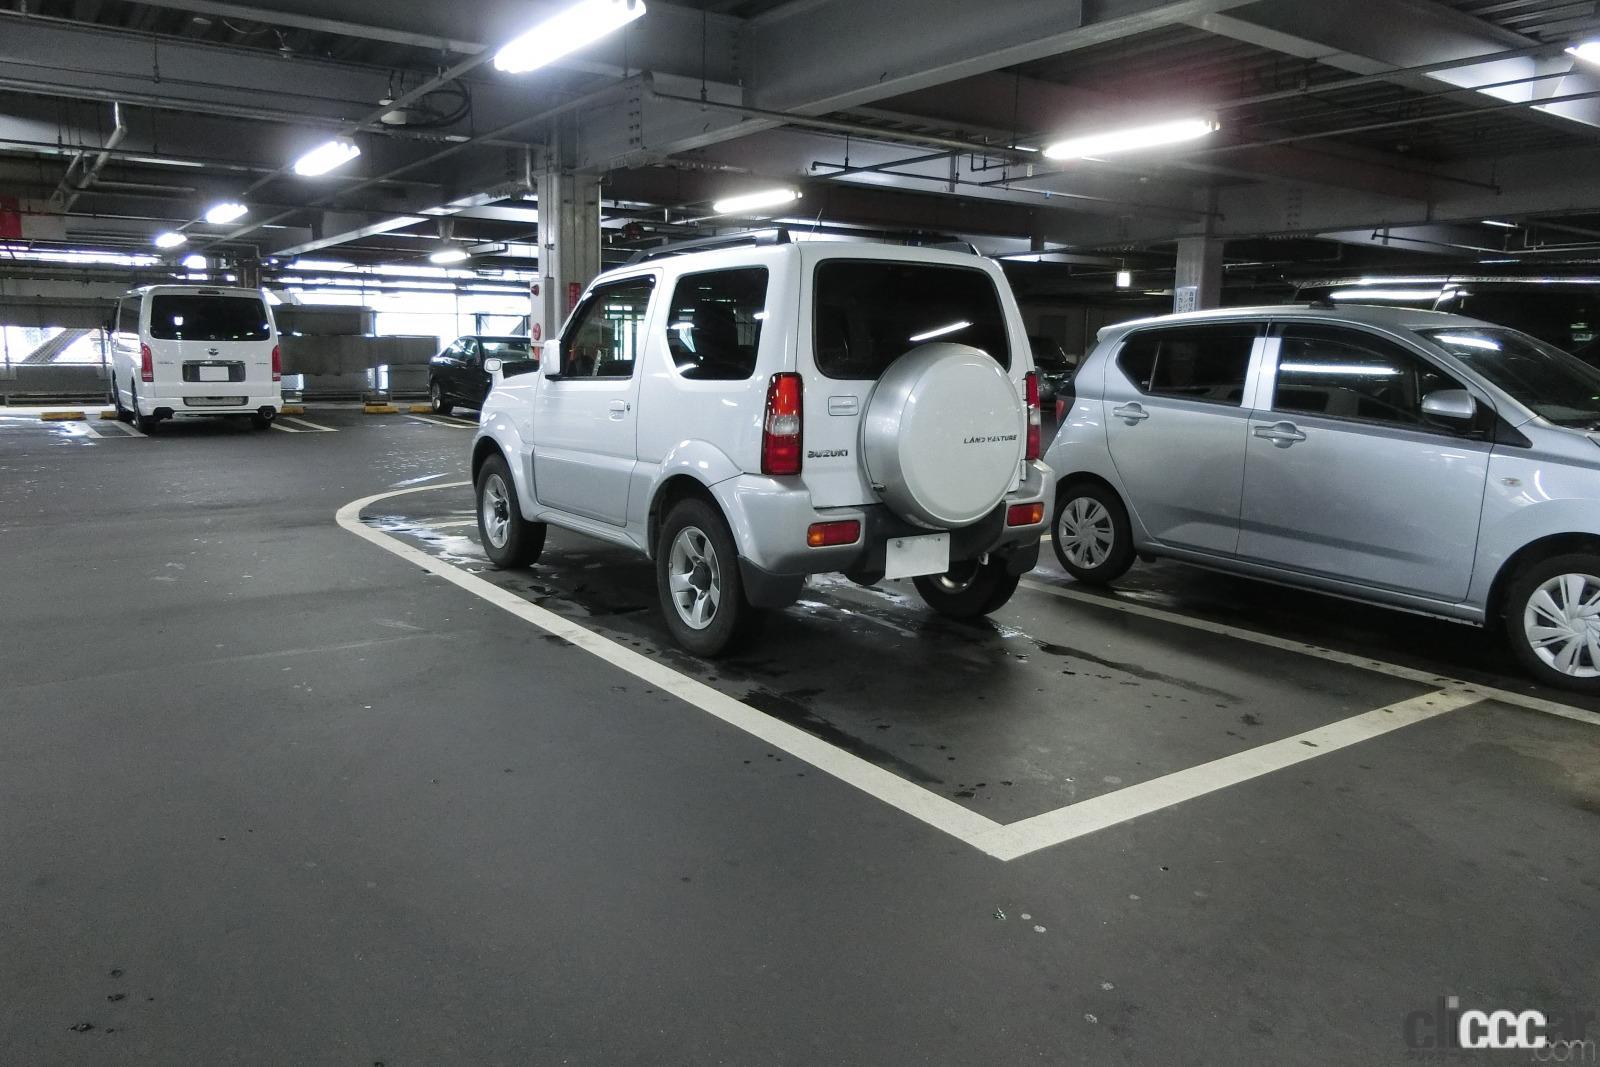 「ドアパンチからの当て逃げ、修理、泣き寝入りを避ける駐車スペース選び3つの方法」の8枚目の画像